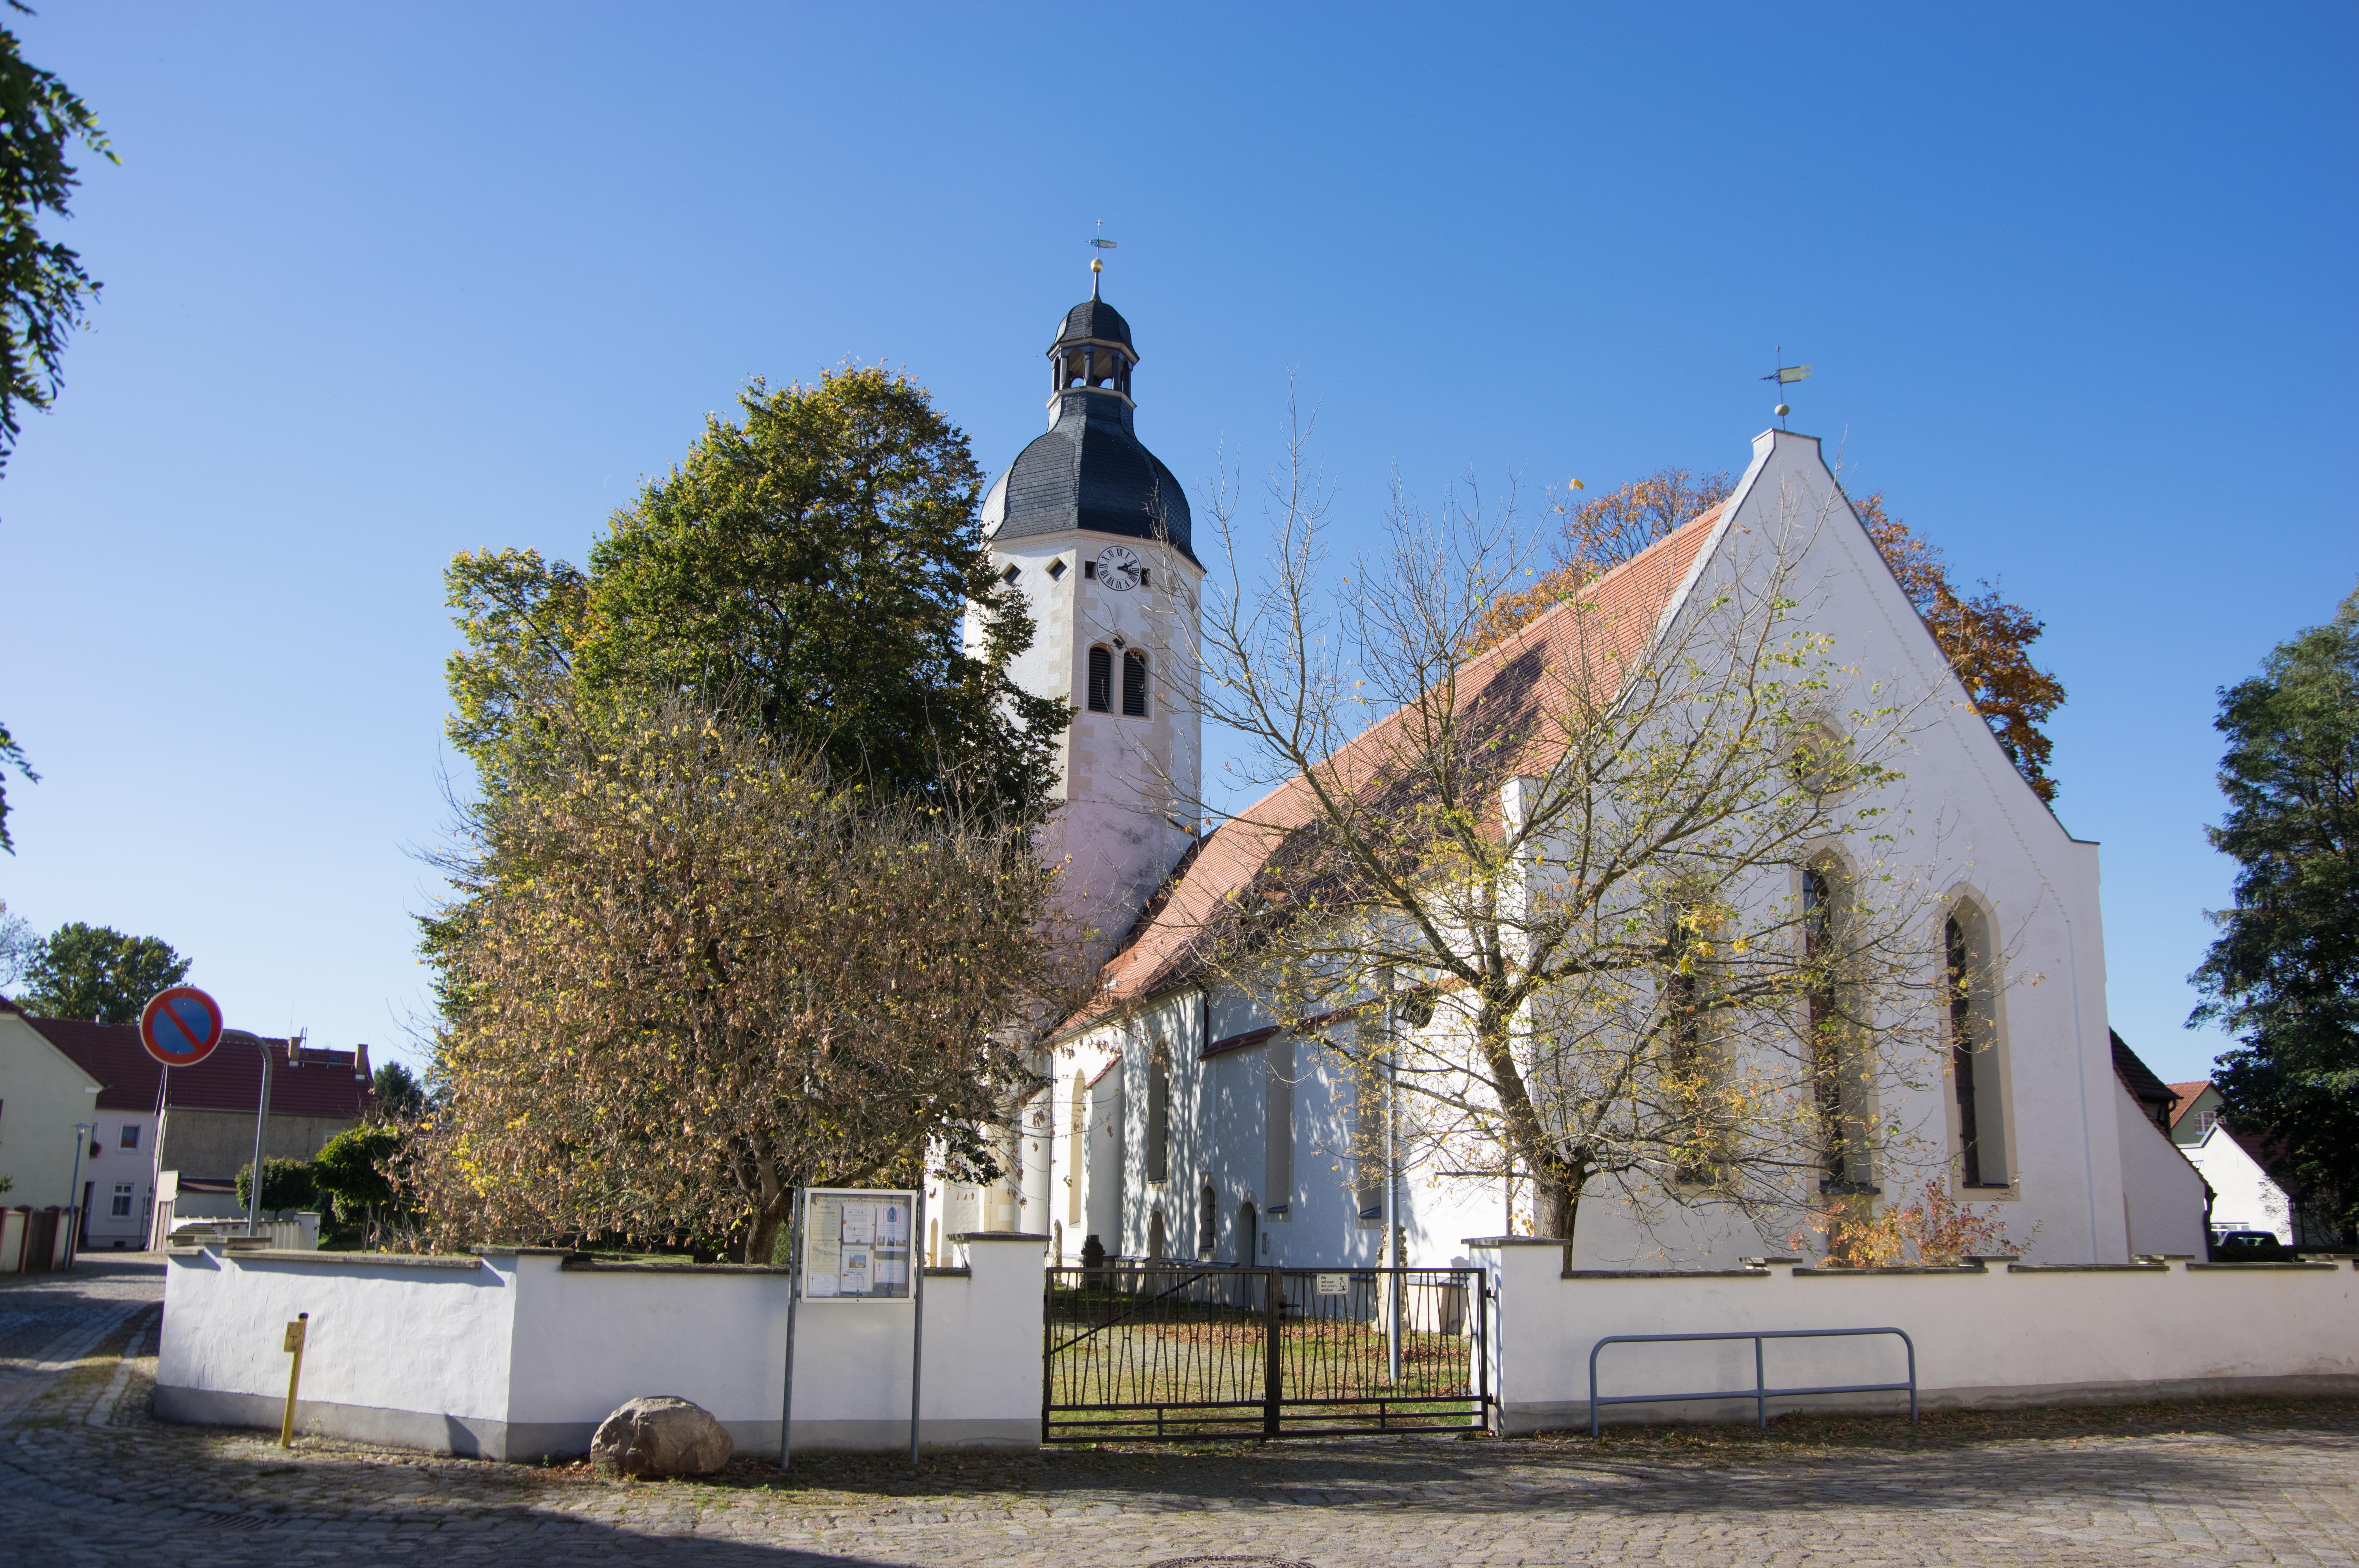 Whore aus Uebigau-Wahrenbrück